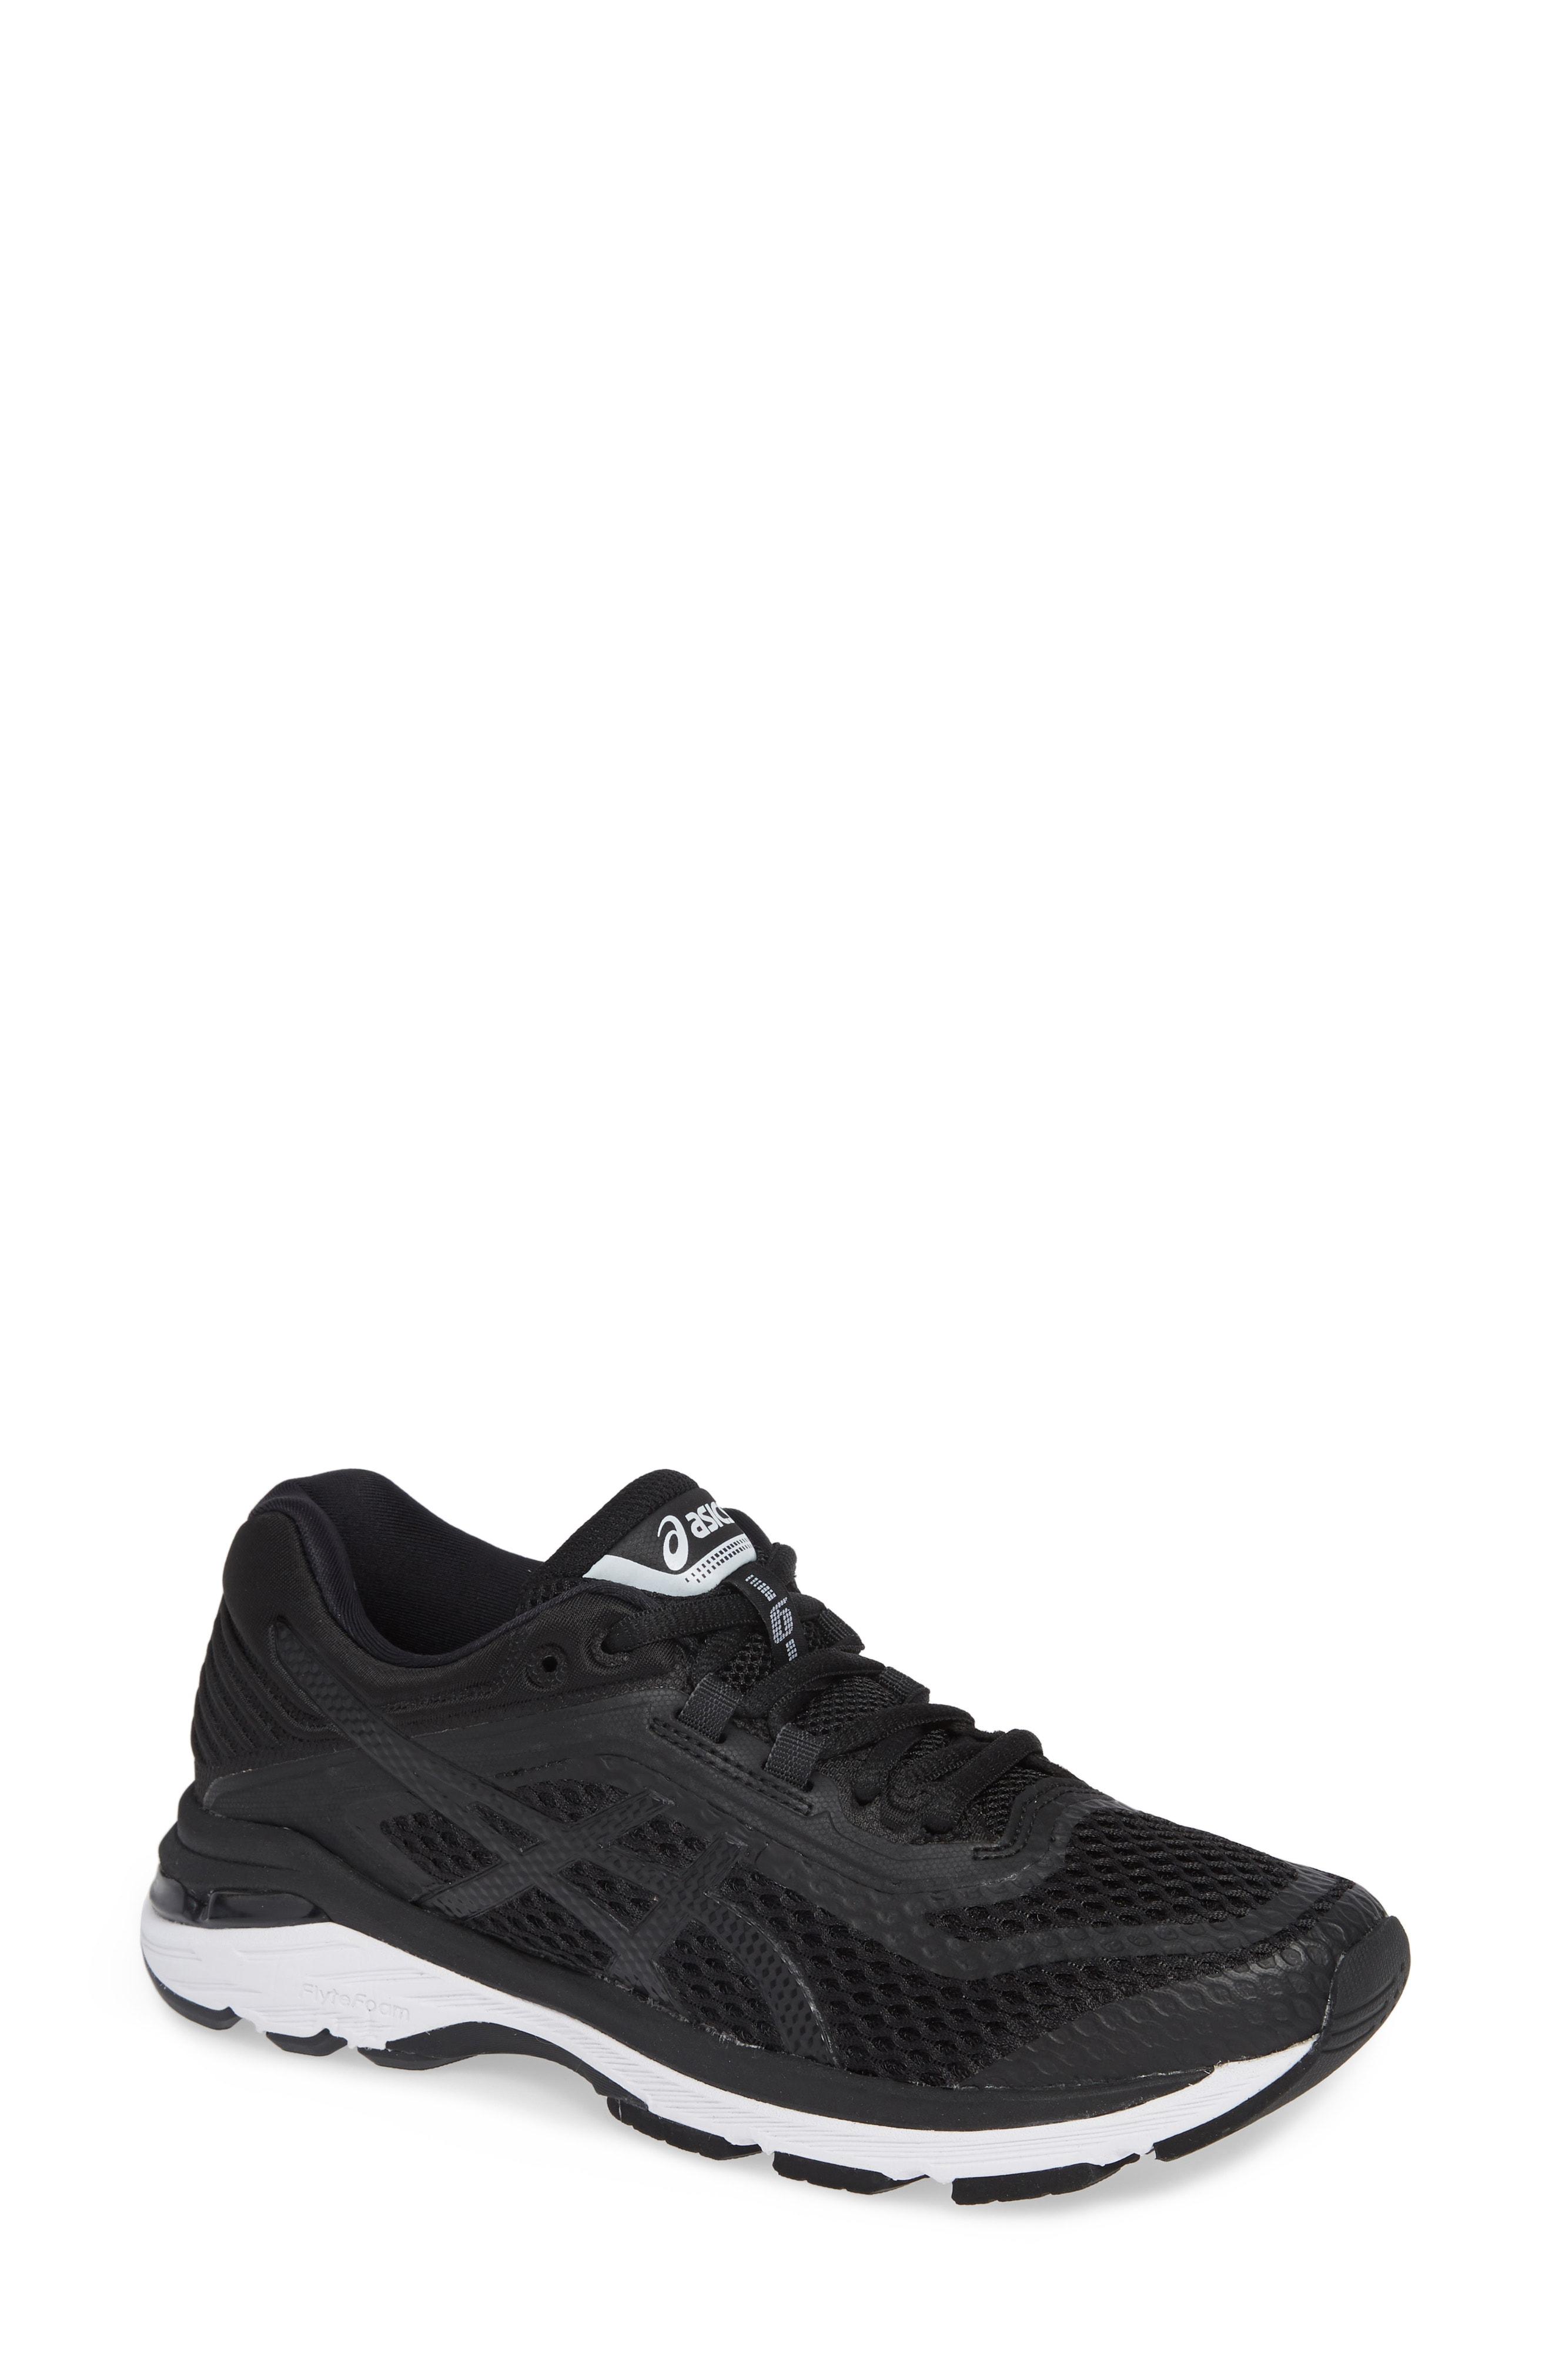 ASICS GT-2000 6 Running Shoe (Women)